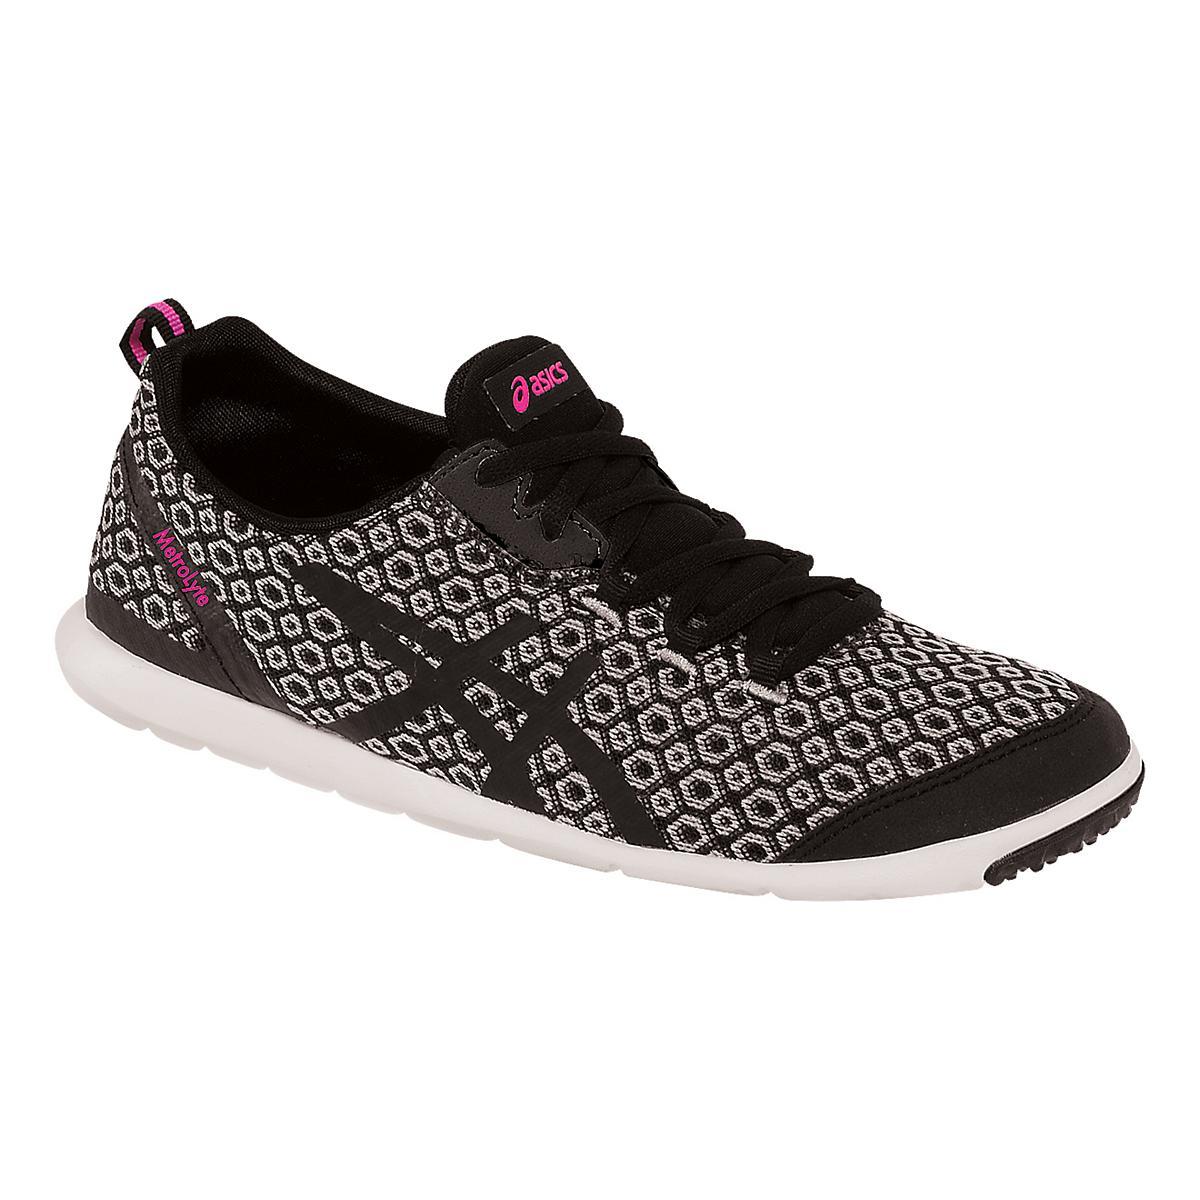 Womens ASICS MetroLyte Gem Walking Shoe at Road Runner Sports